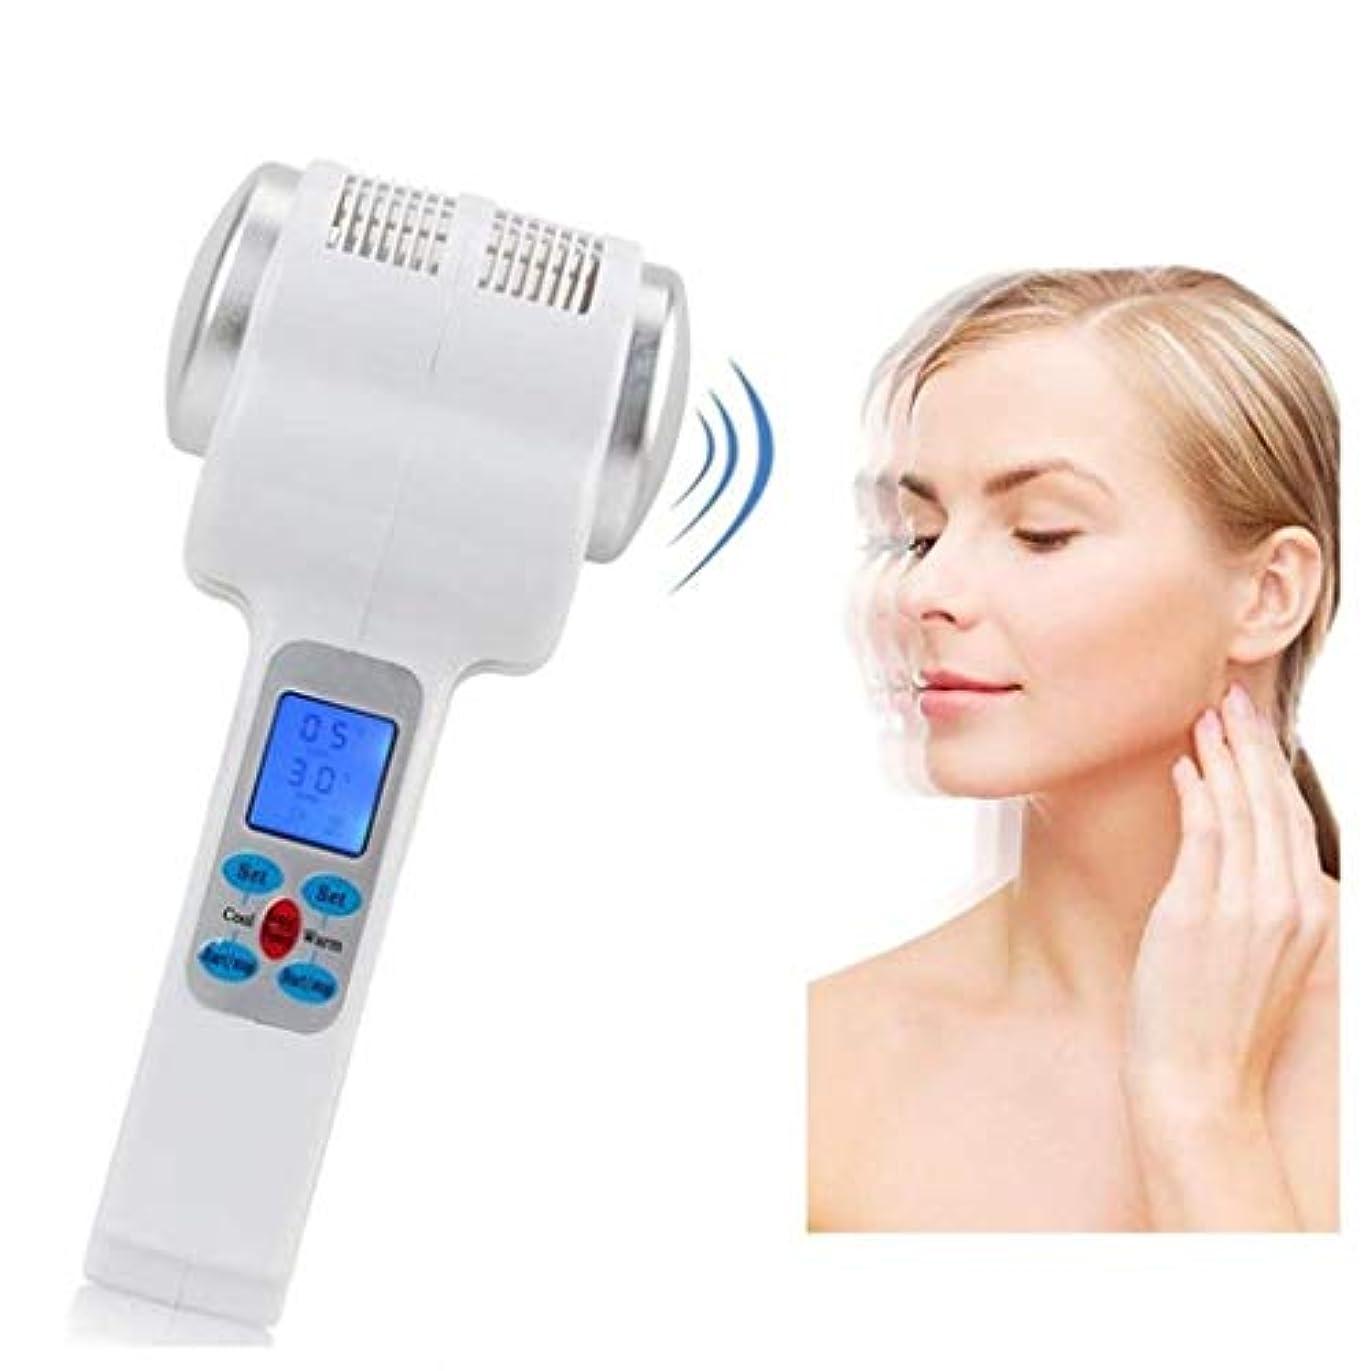 手綱出演者深い美容器具、顔の振動マッサージ、ホット凍結療法、リフティングフェイシャルスキンビューティーマシン、肌を引き締めて細い線を改善する